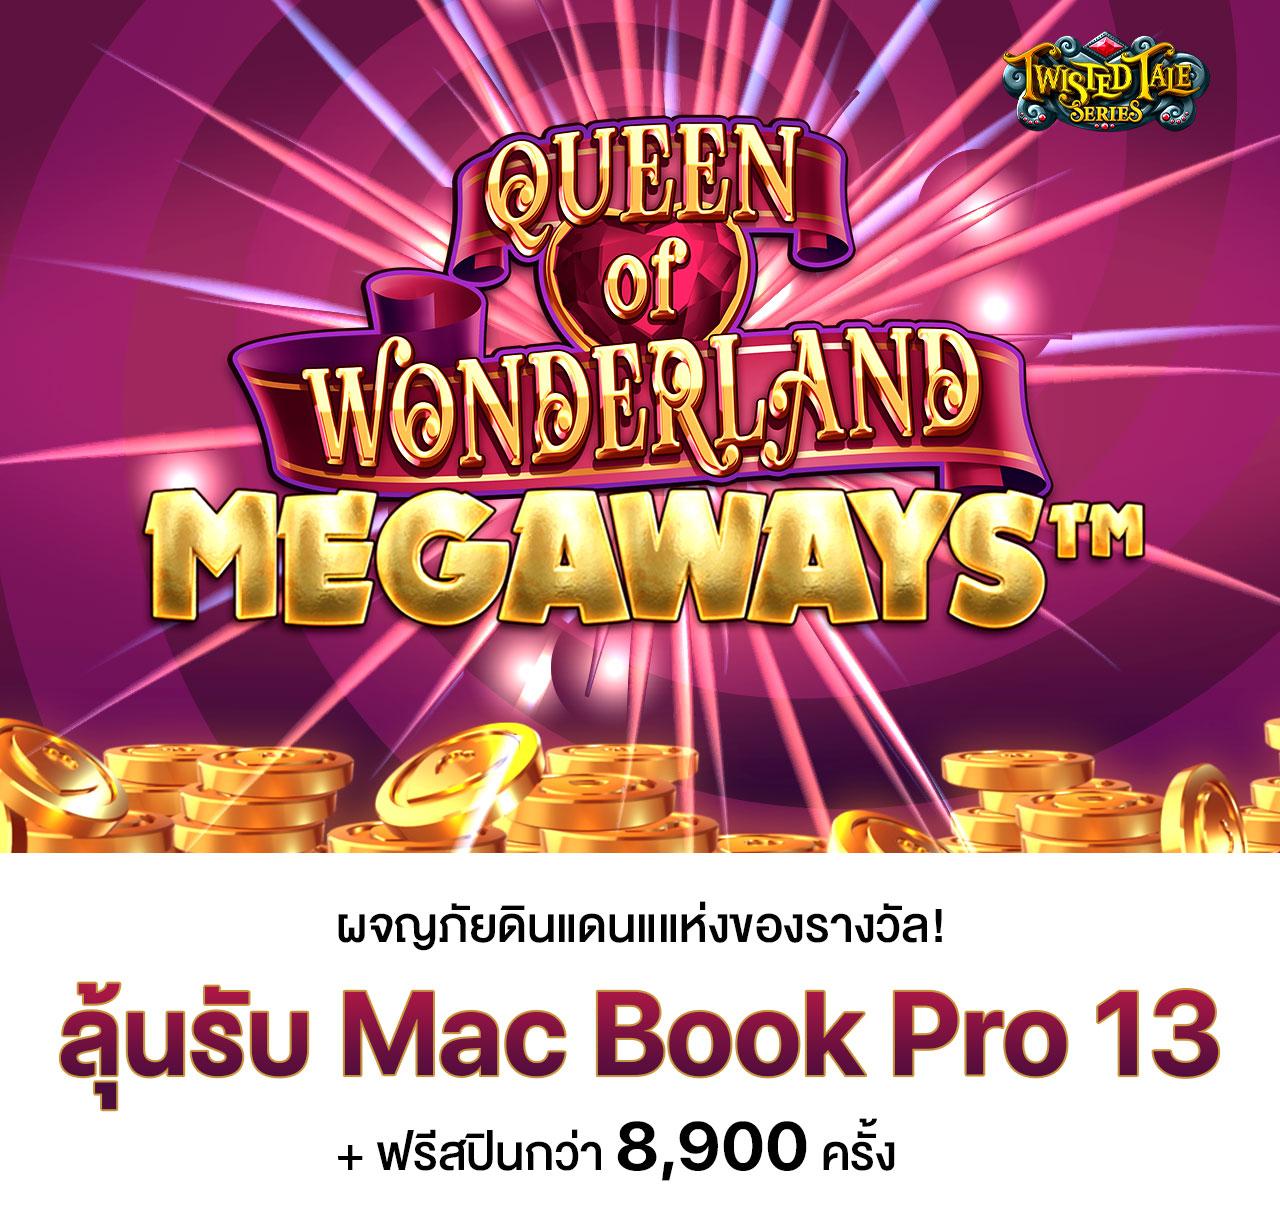 เล่นเกมสล็อตออนไลน์ LuckyNiki ลุ้นรับ Mac book Pro ฟรี